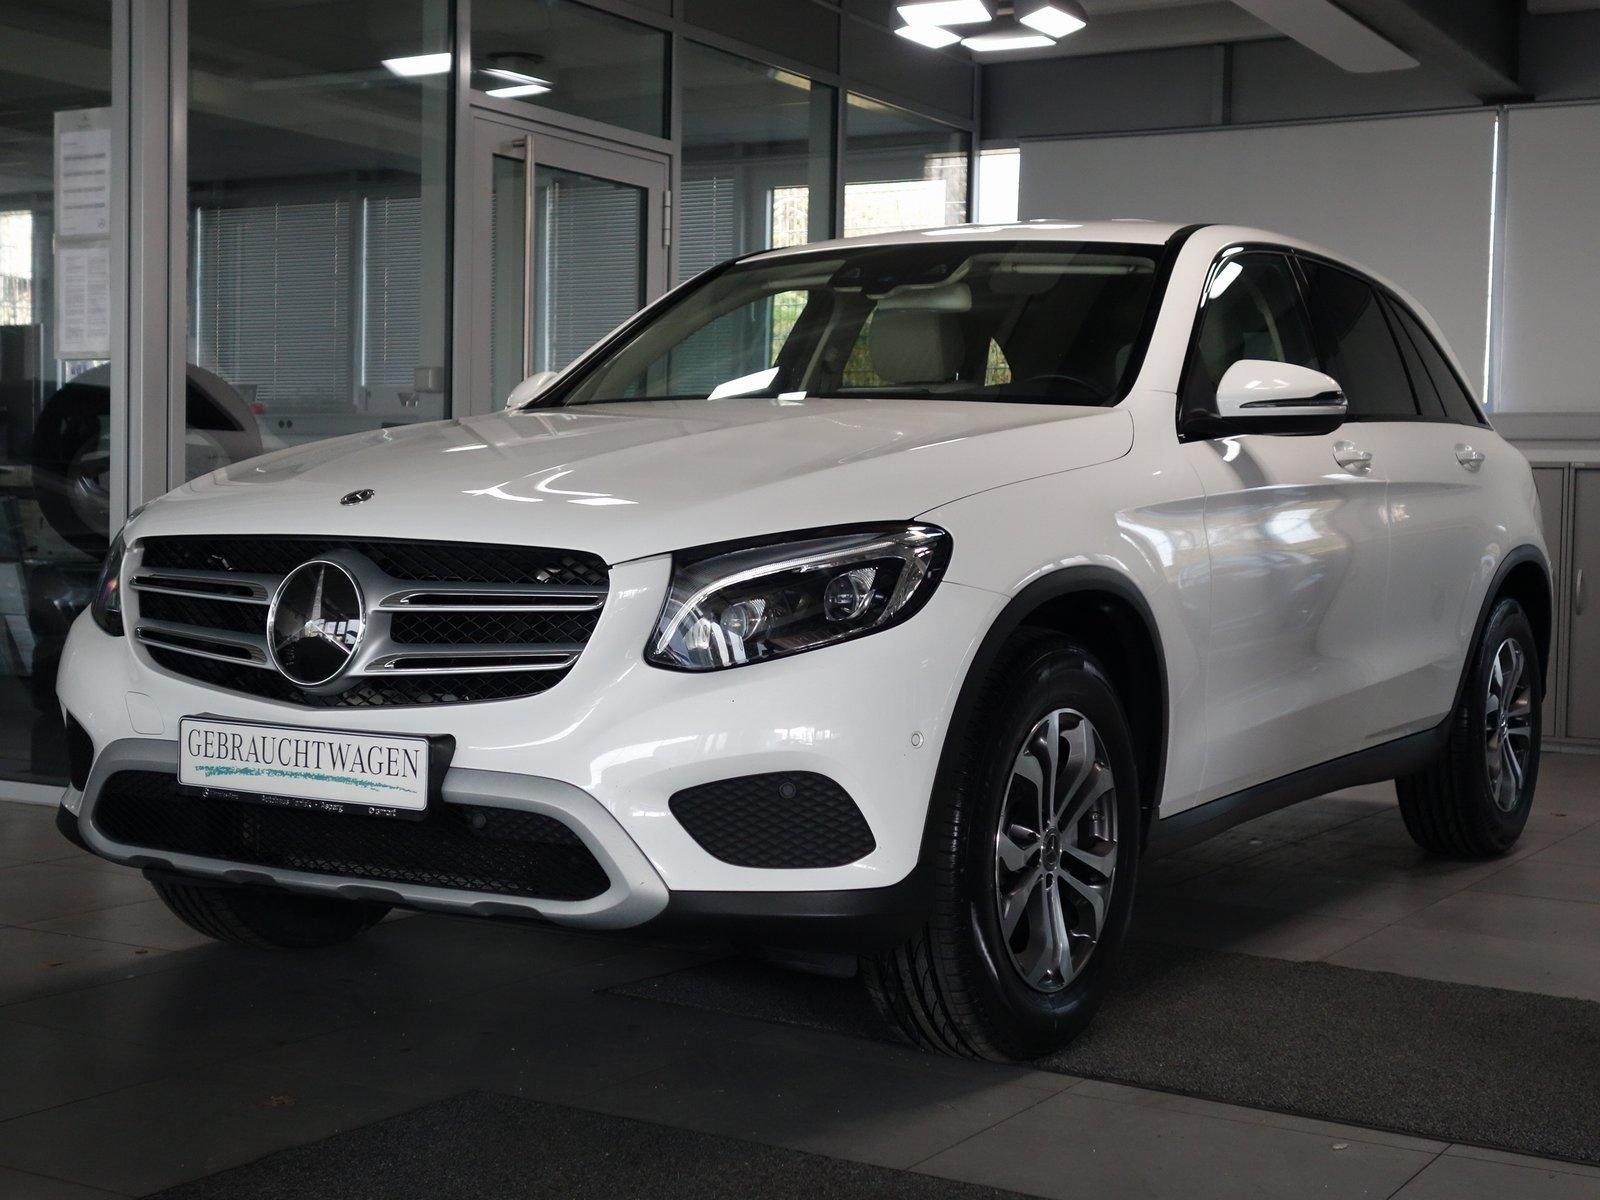 Mercedes-Benz GLC 250d 4M Weiß/Weiß Distronic+ Comand Euro6, Jahr 2017, Diesel